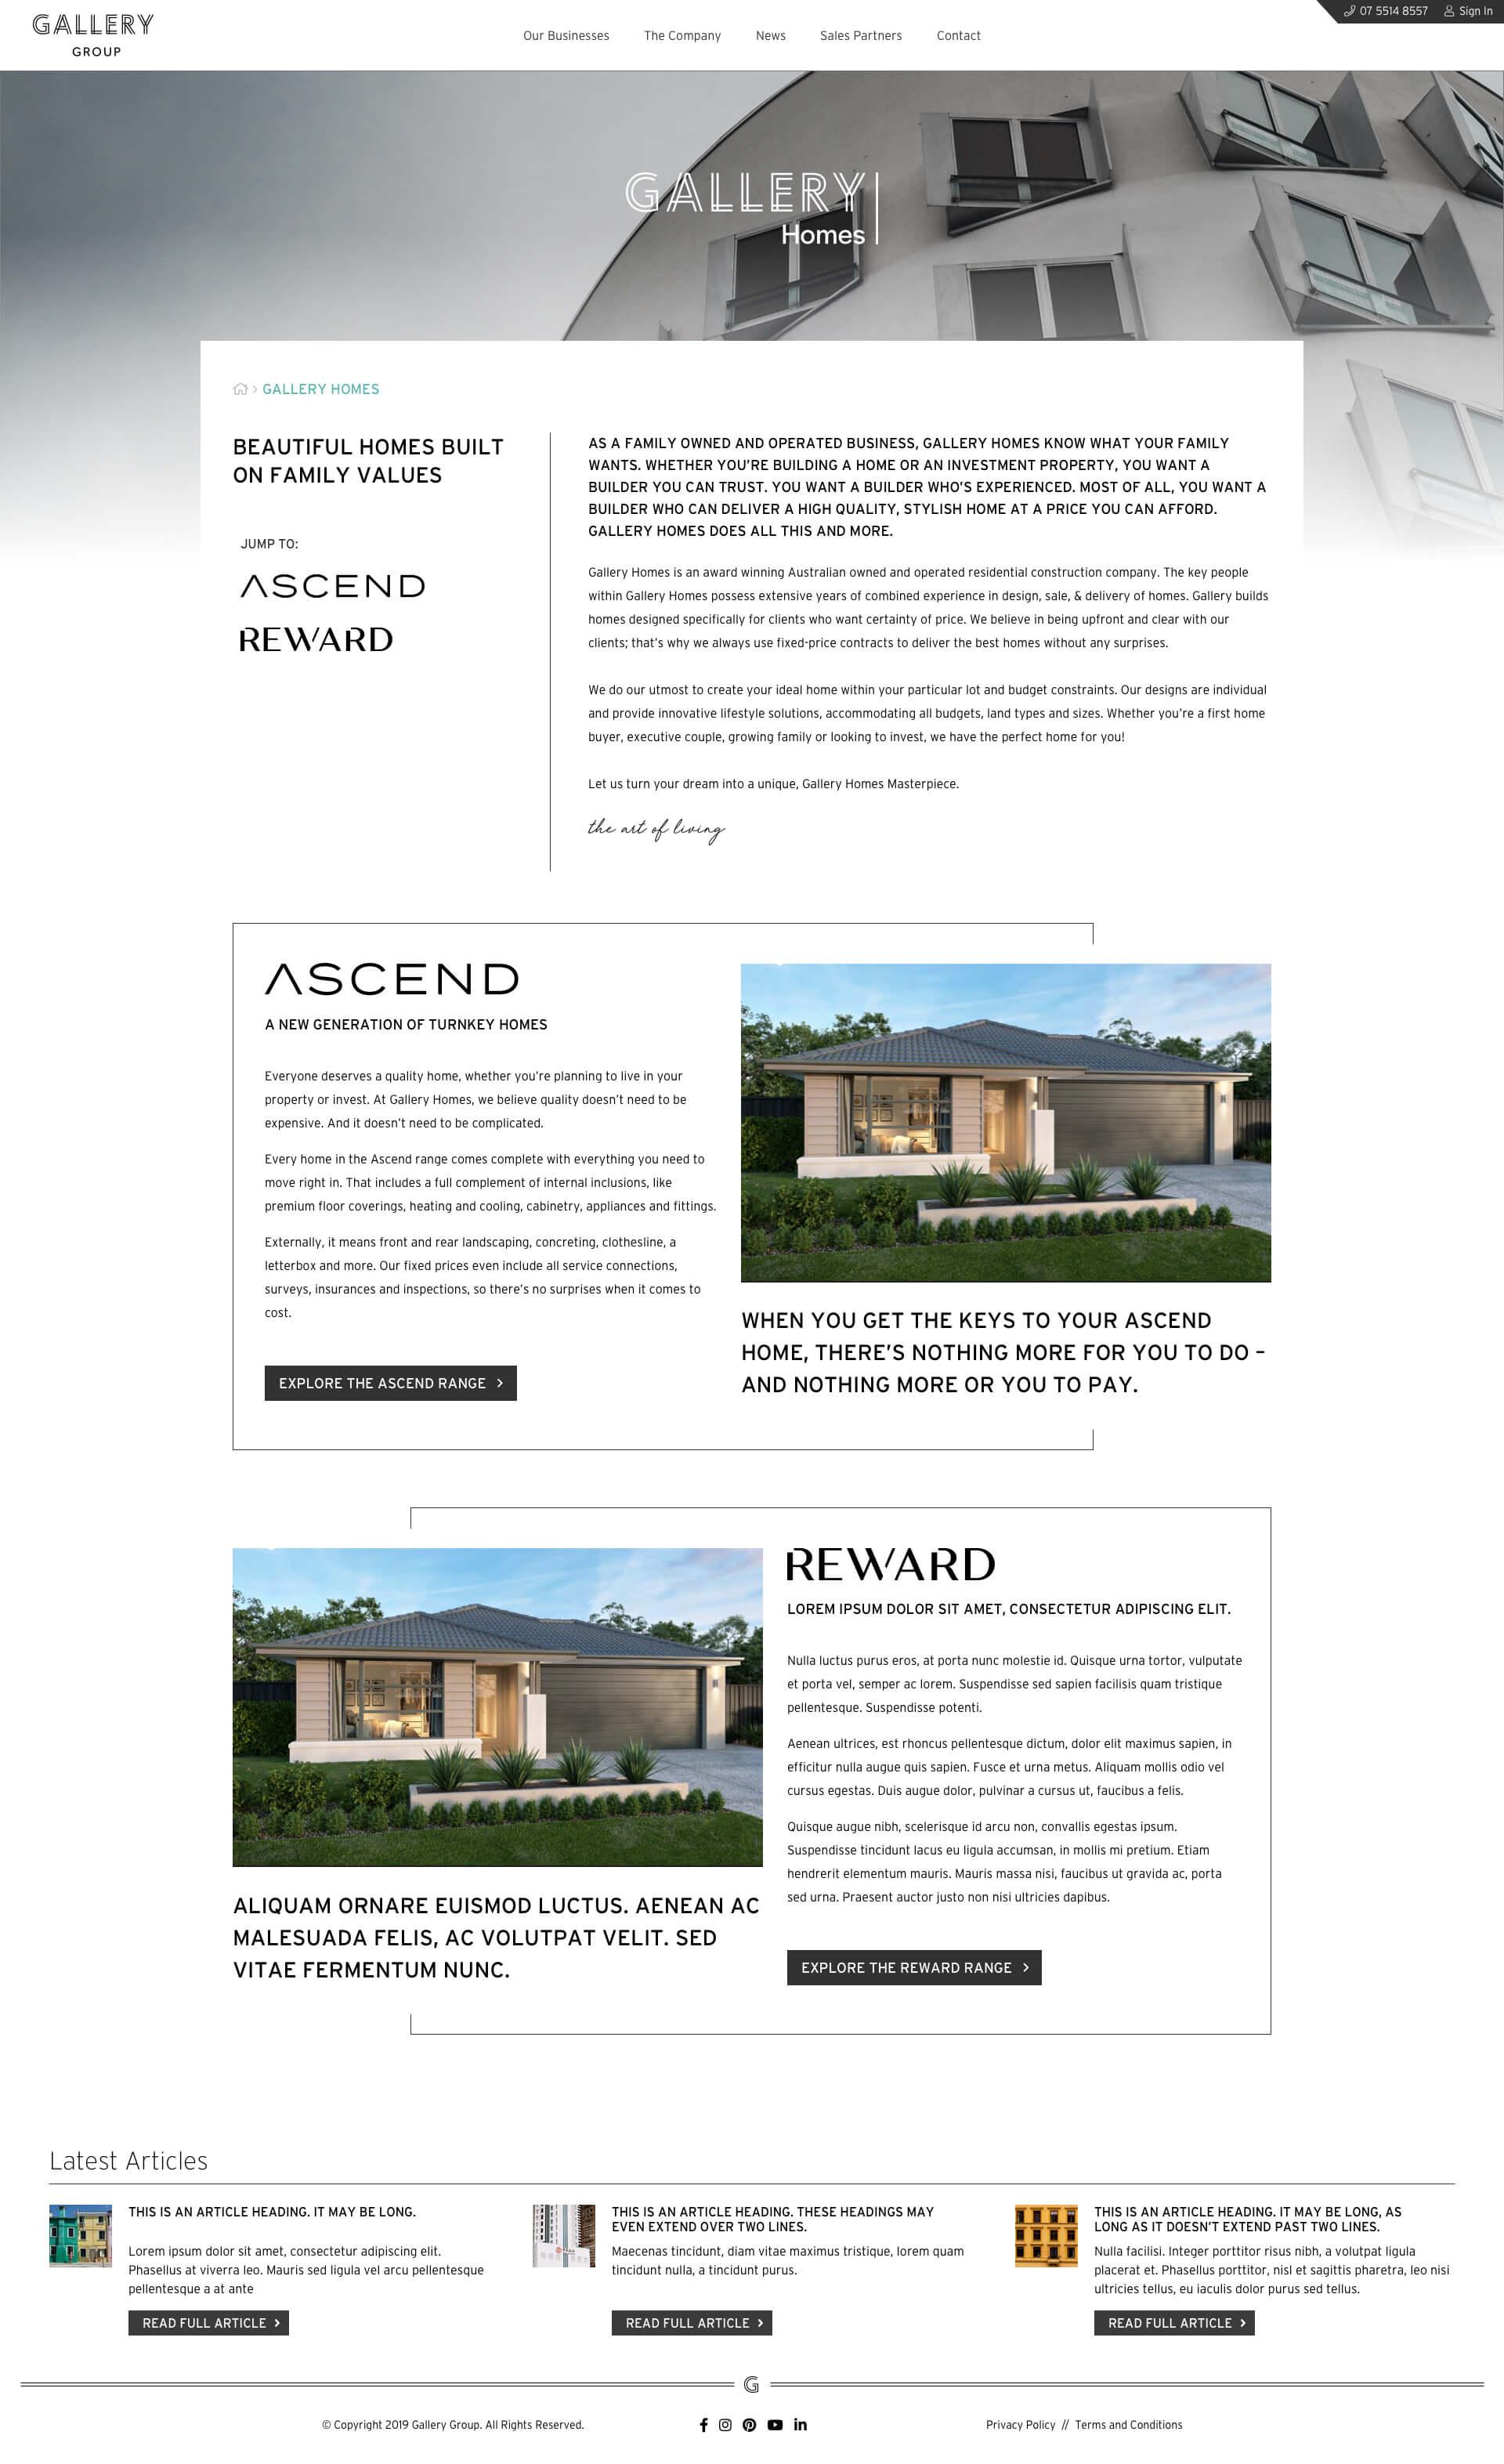 Gallery Group - Gallery Homes (Desktop)